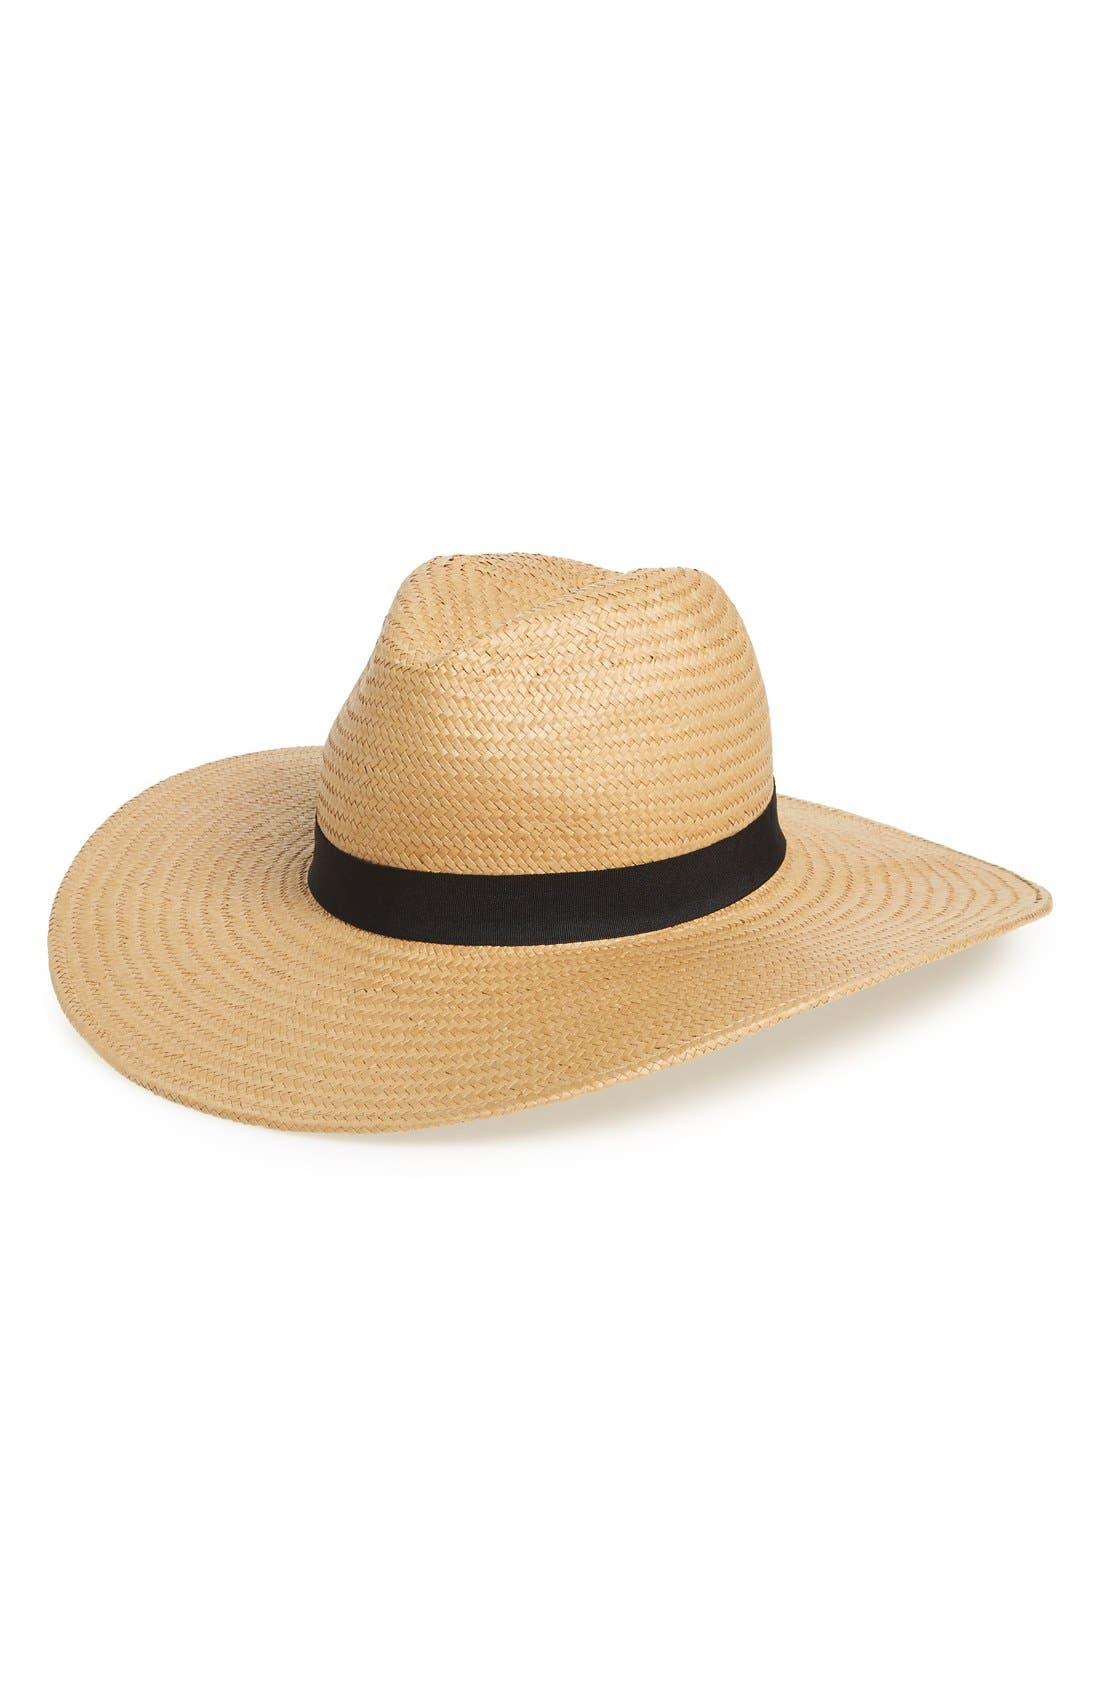 Phase 3 Straw Panama Hat